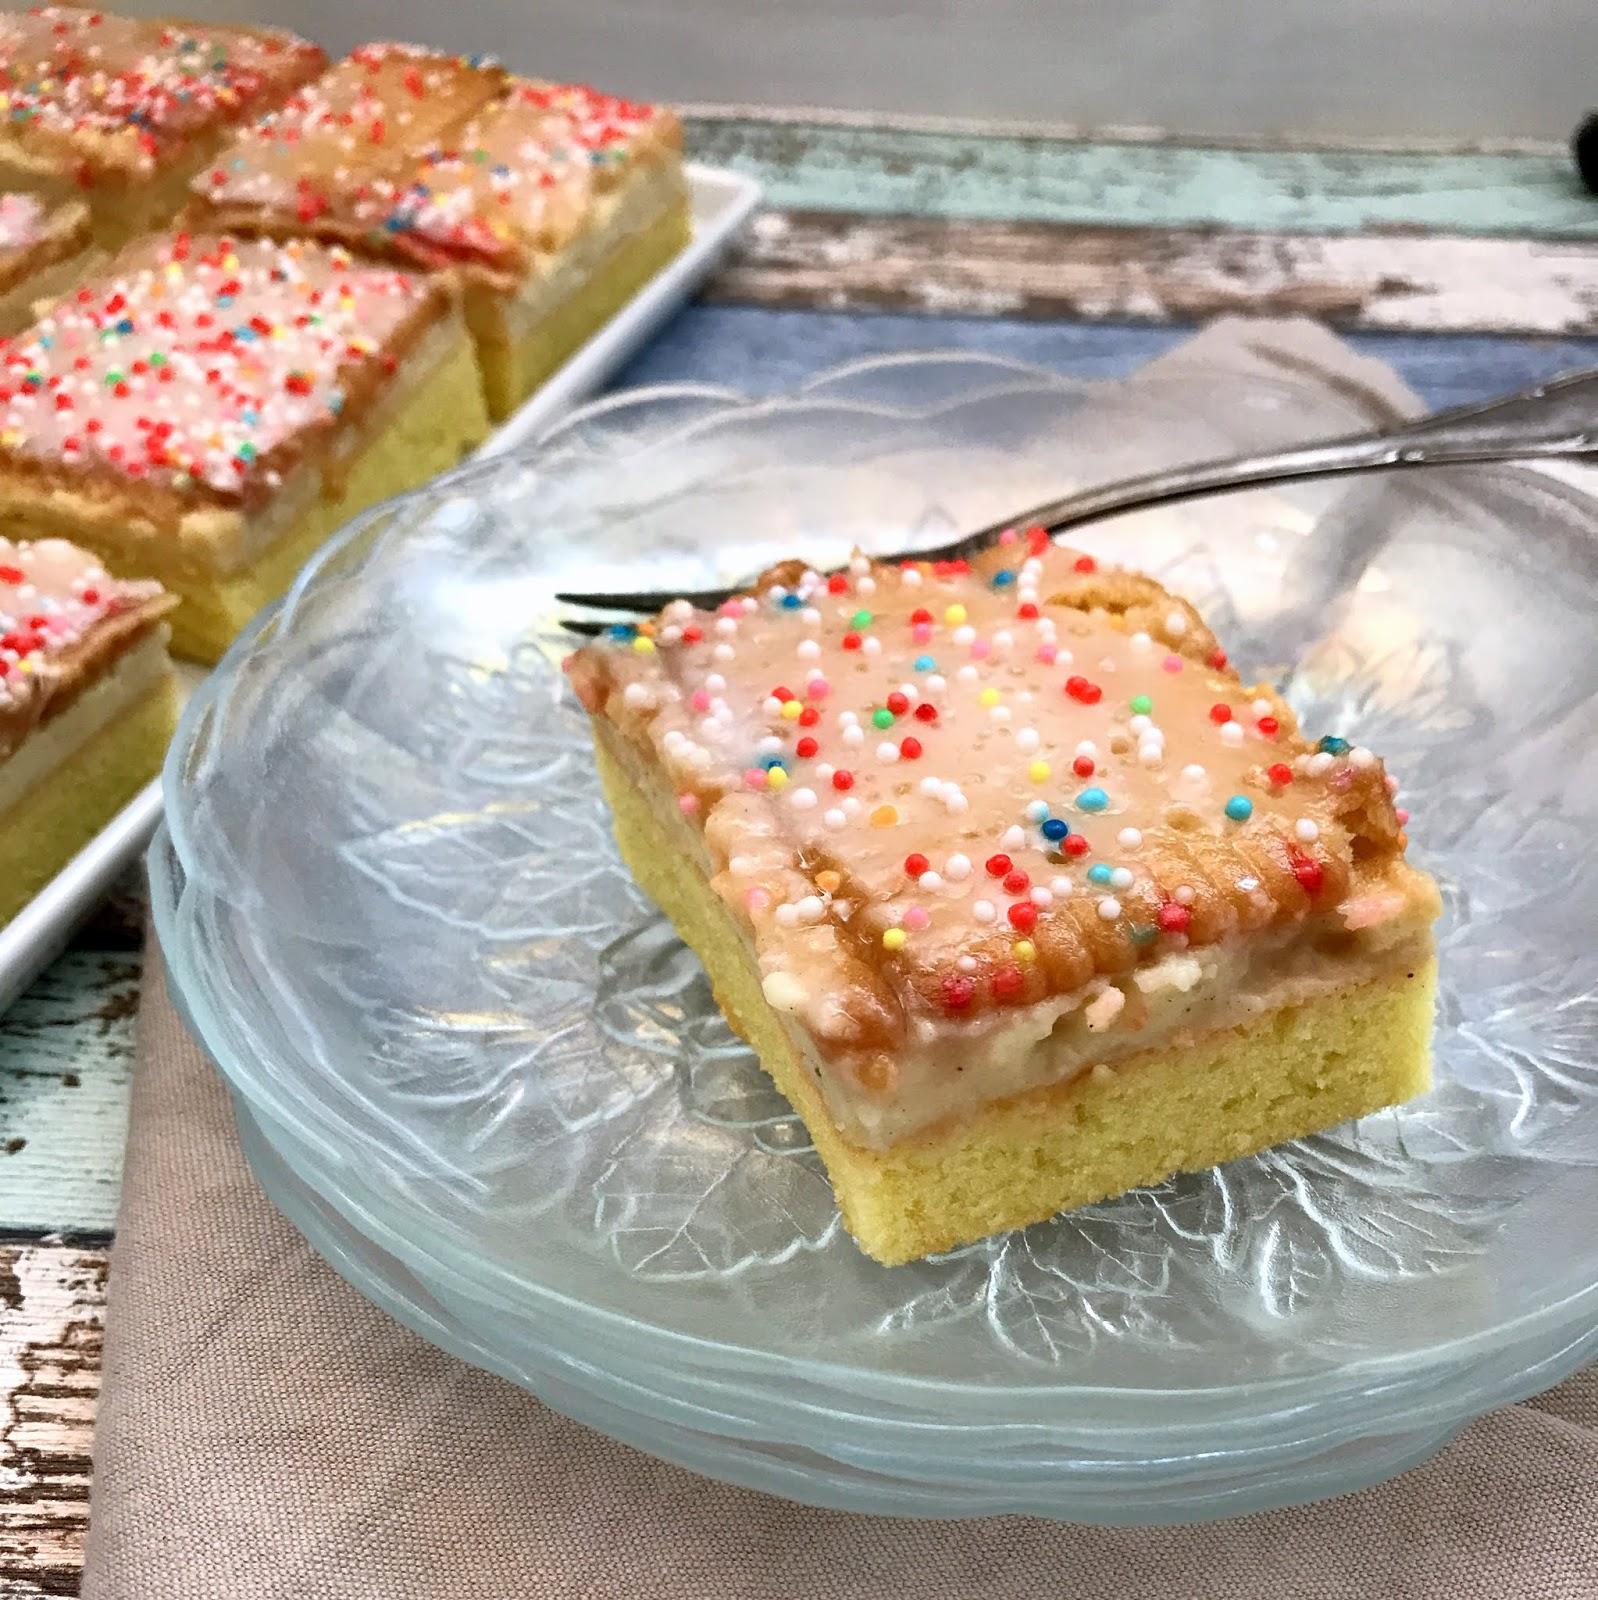 Lanisleckerecke Zitroniger Pudding Keks Kuchen